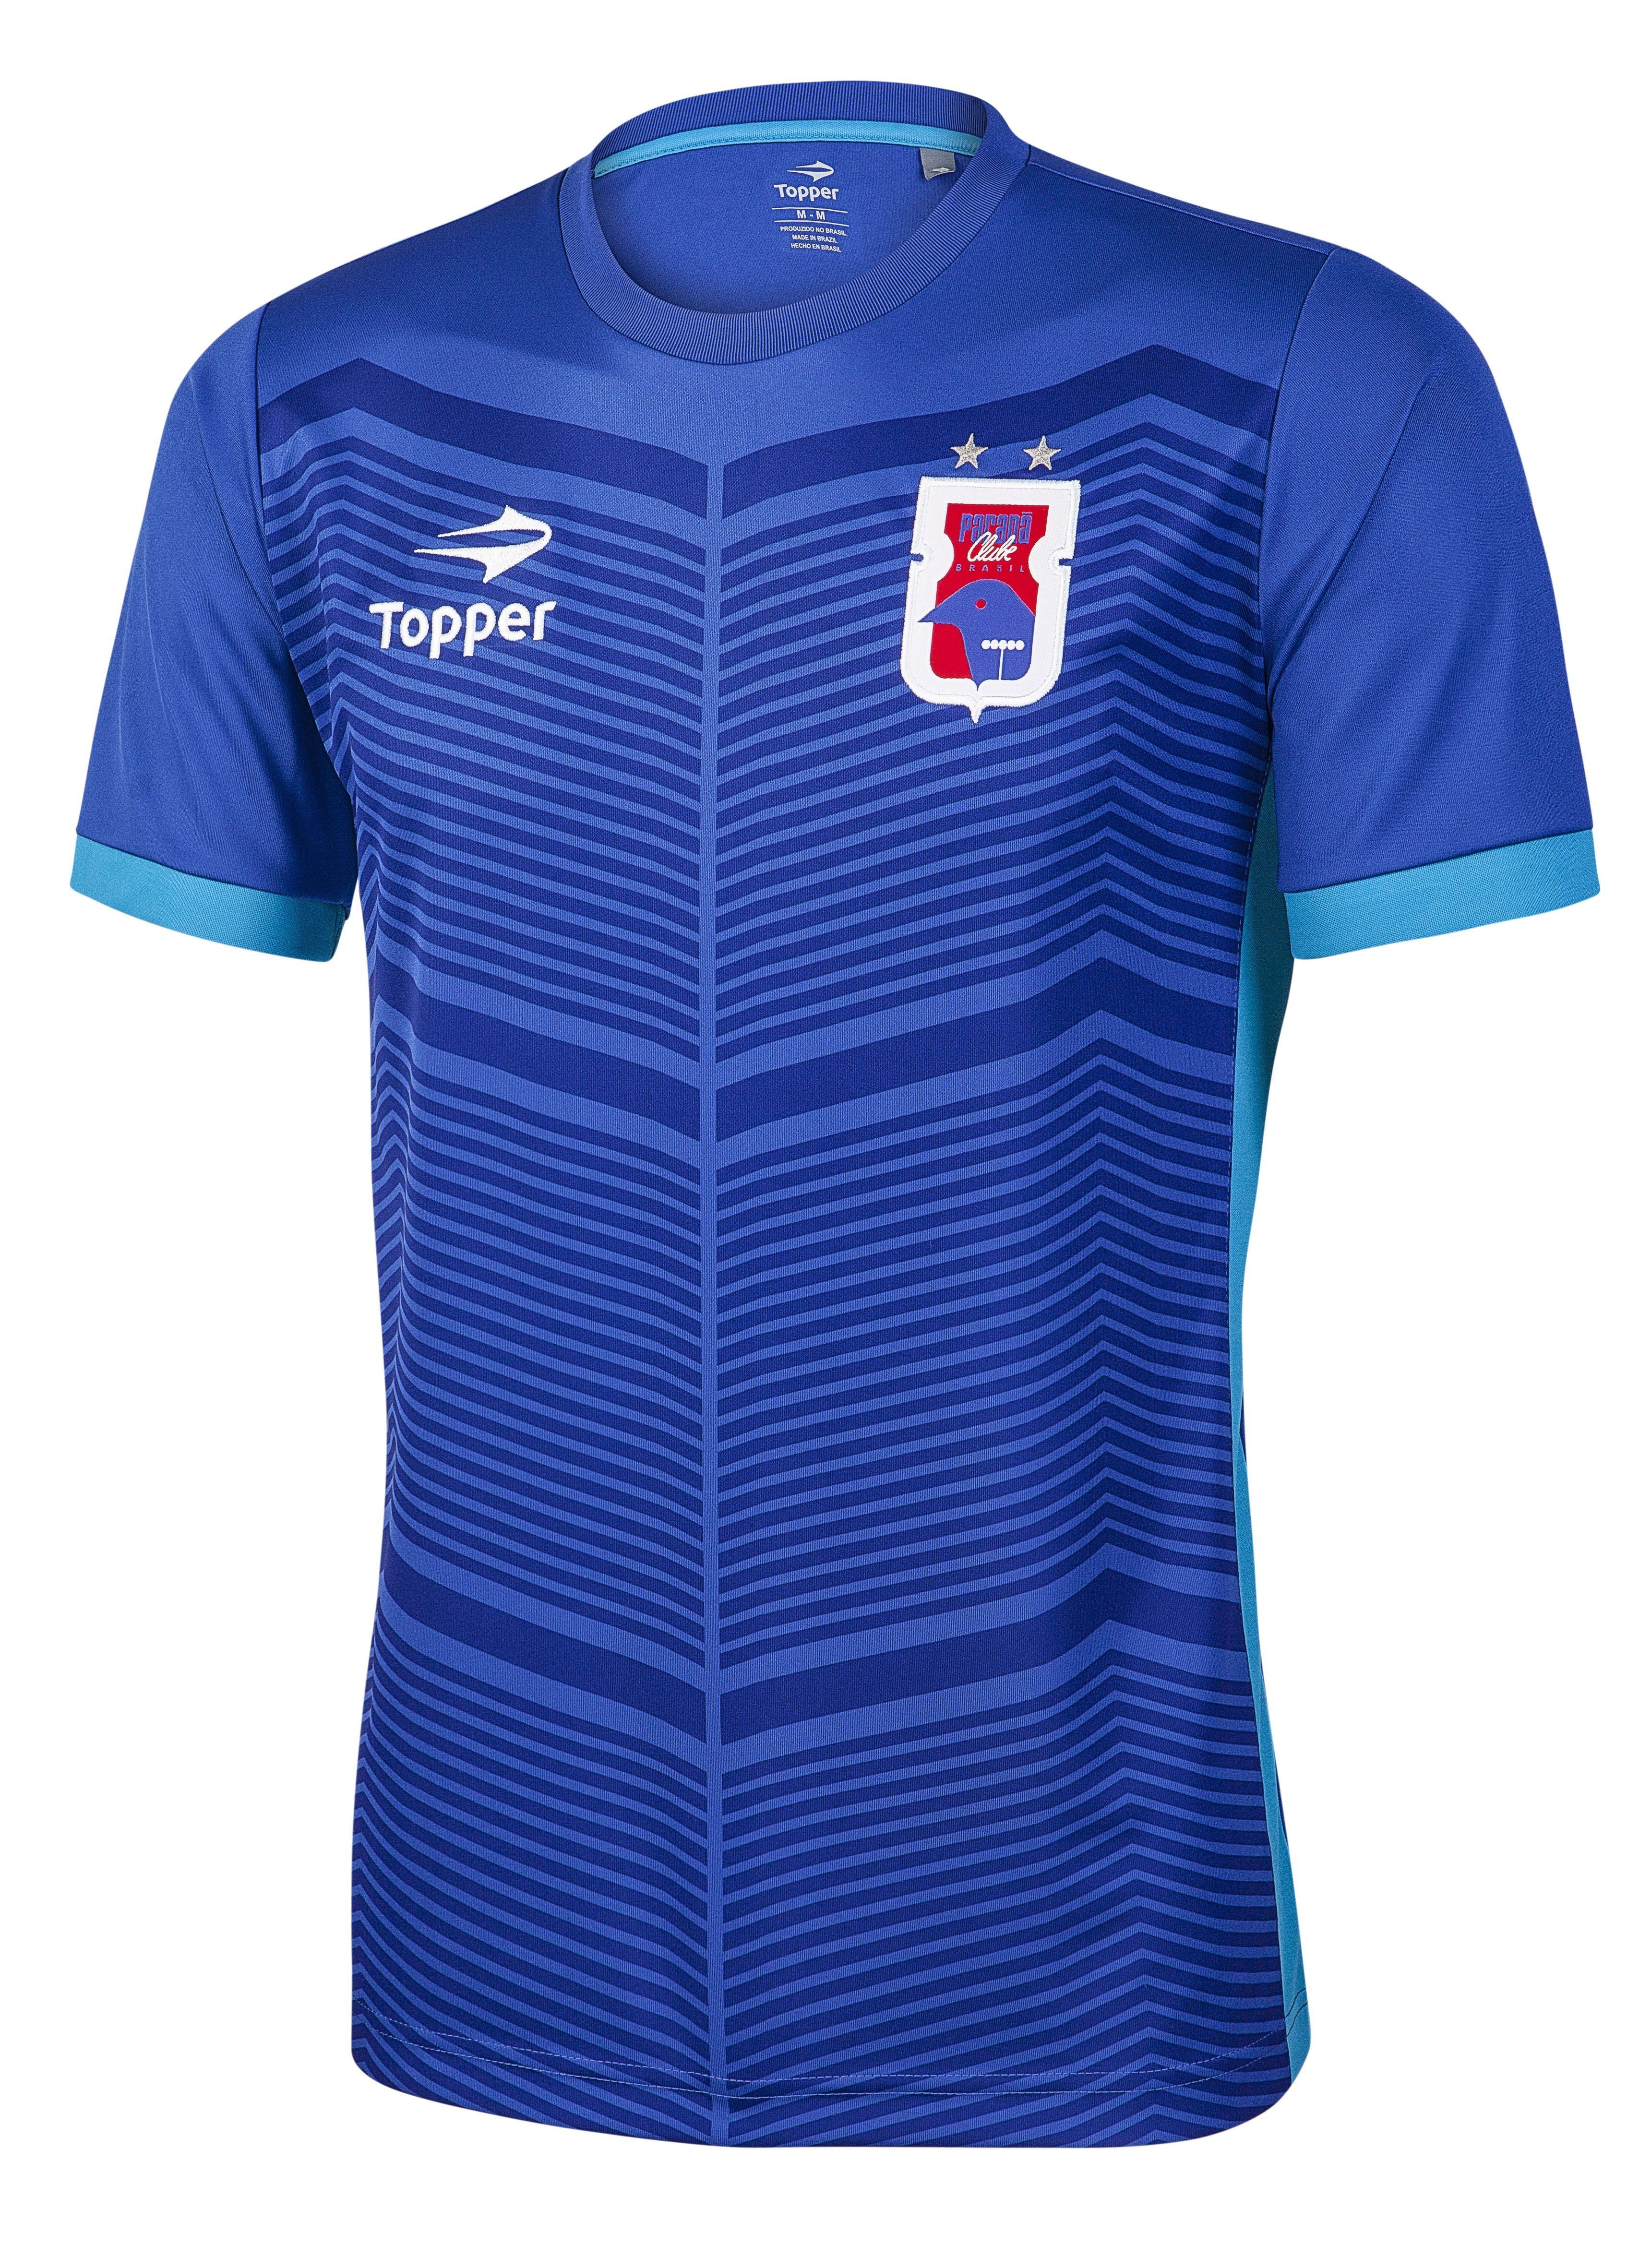 Camisas de treino – Os uniformes de treino do Paraná Clube também foram  inspirados no pinhão 899b825554a52